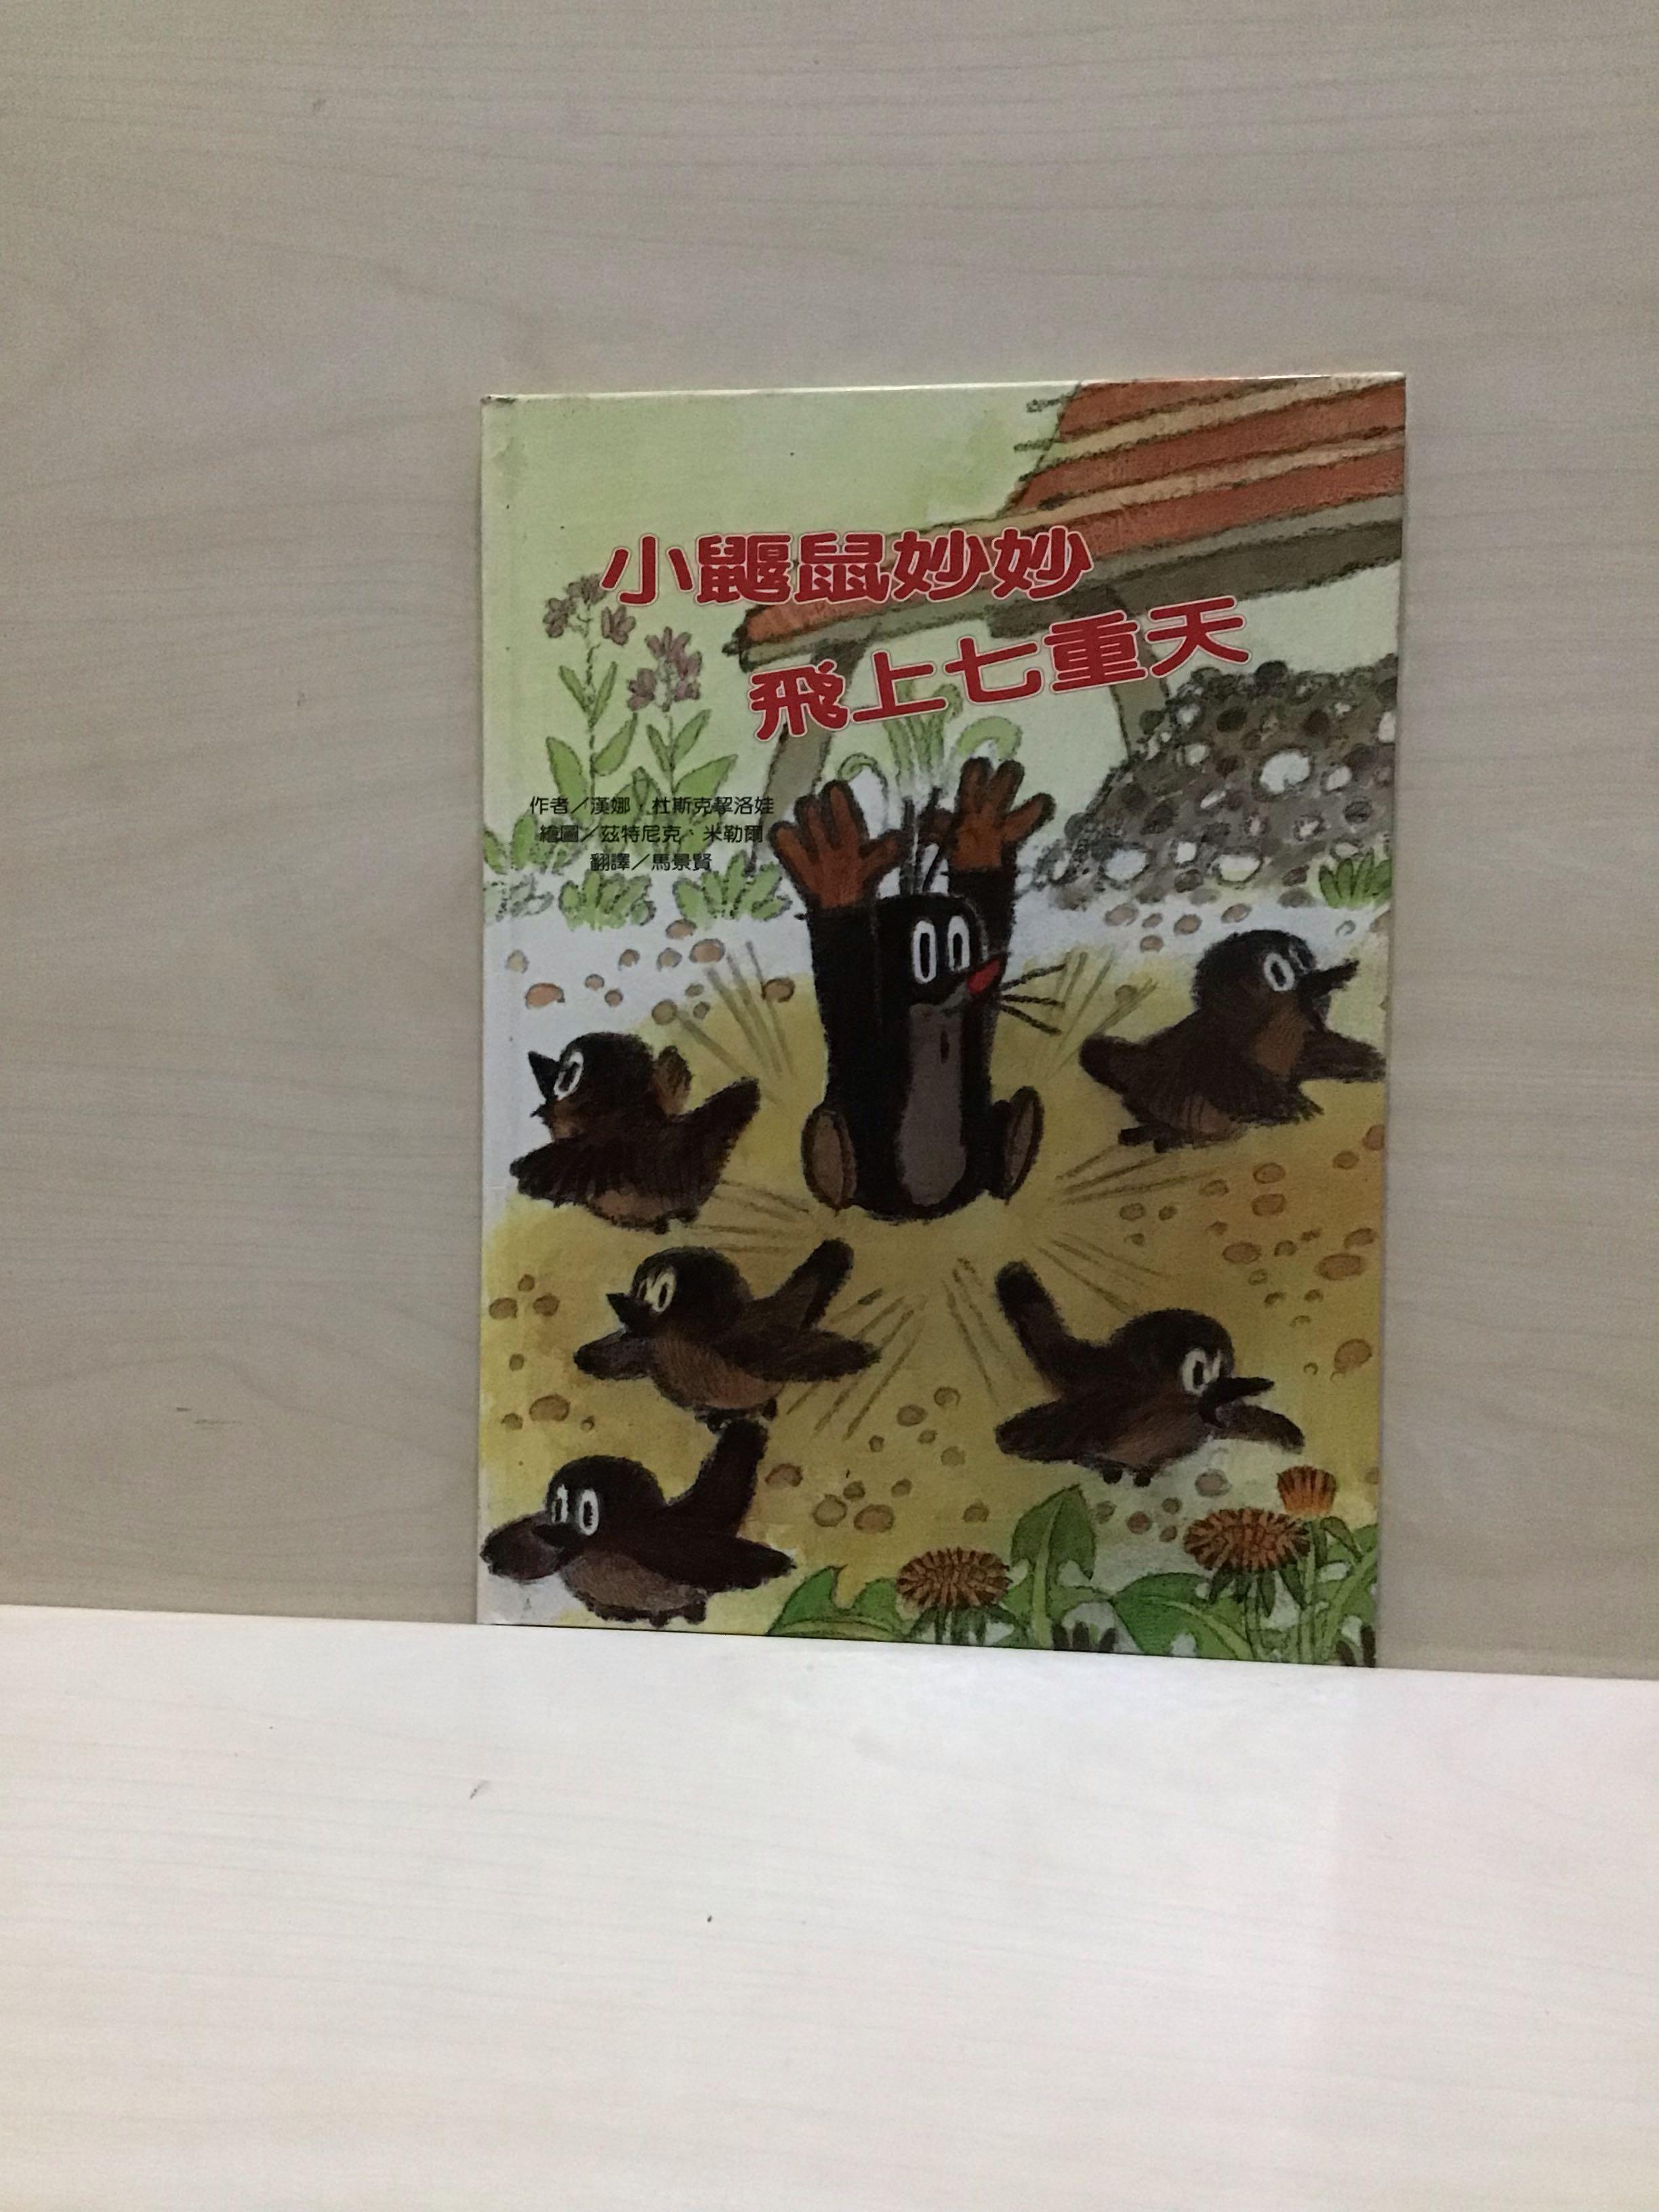 小鼴鼠妙妙飛上七重天 近全新 故事書 適合親子共讀和分享 青林國際出版22*30